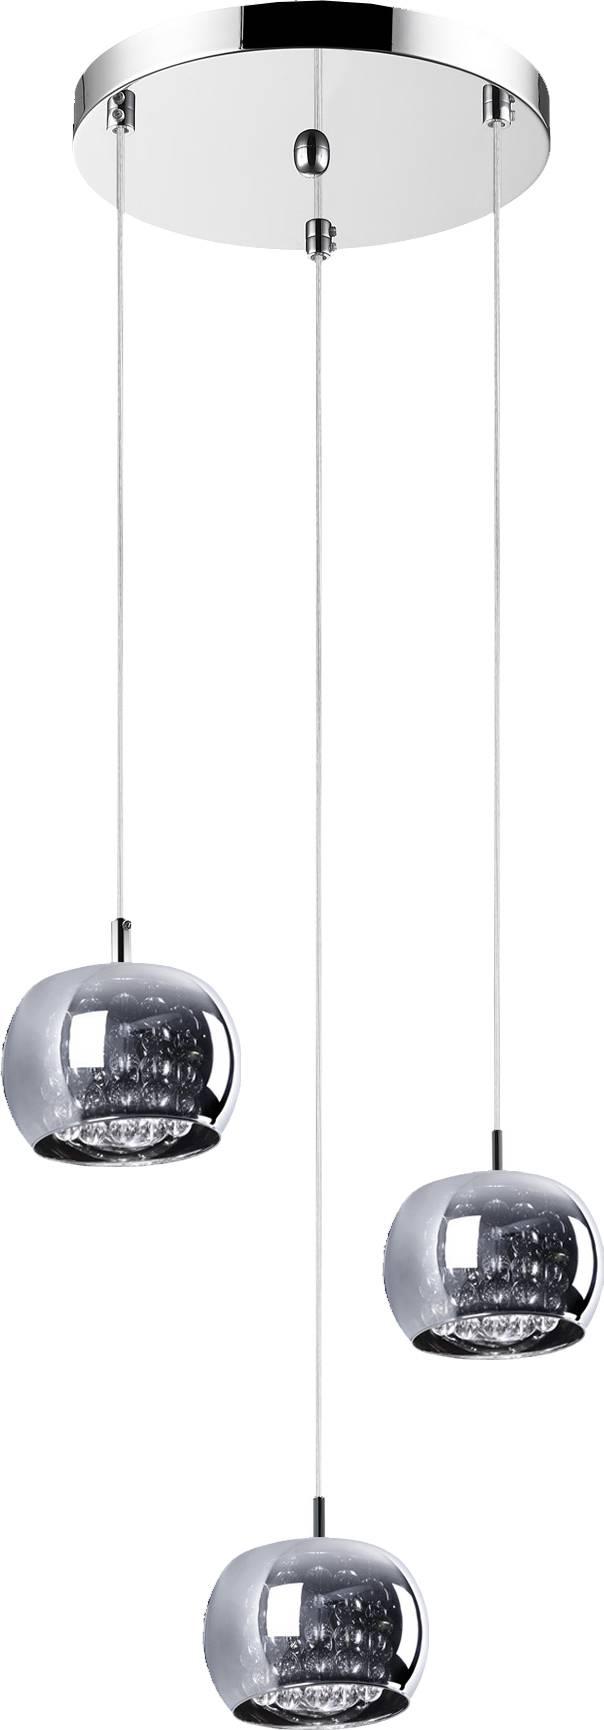 Lampa wisząca Crystal P0076 03M B5FZ Zuma Line potrójna